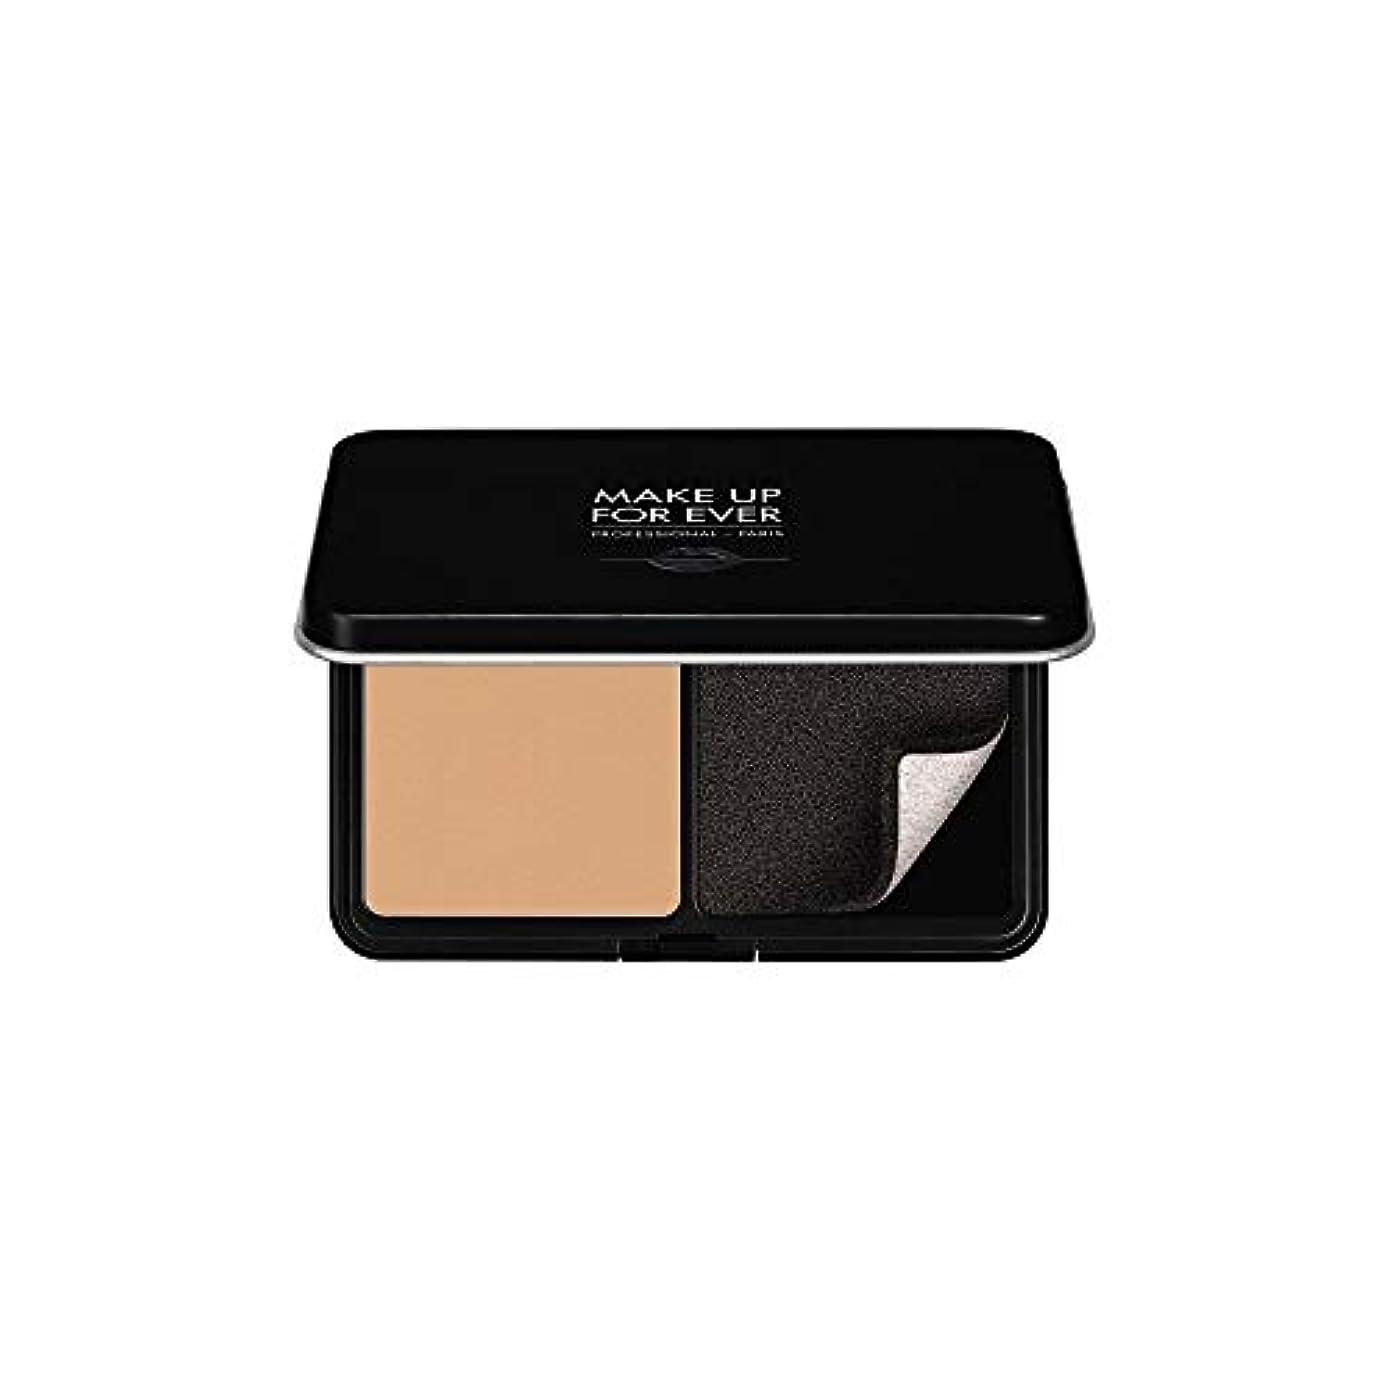 ジェムオフェンスセンブランスメイクアップフォーエバー Matte Velvet Skin Blurring Powder Foundation - # Y305 (Soft Beige) 11g/0.38oz並行輸入品